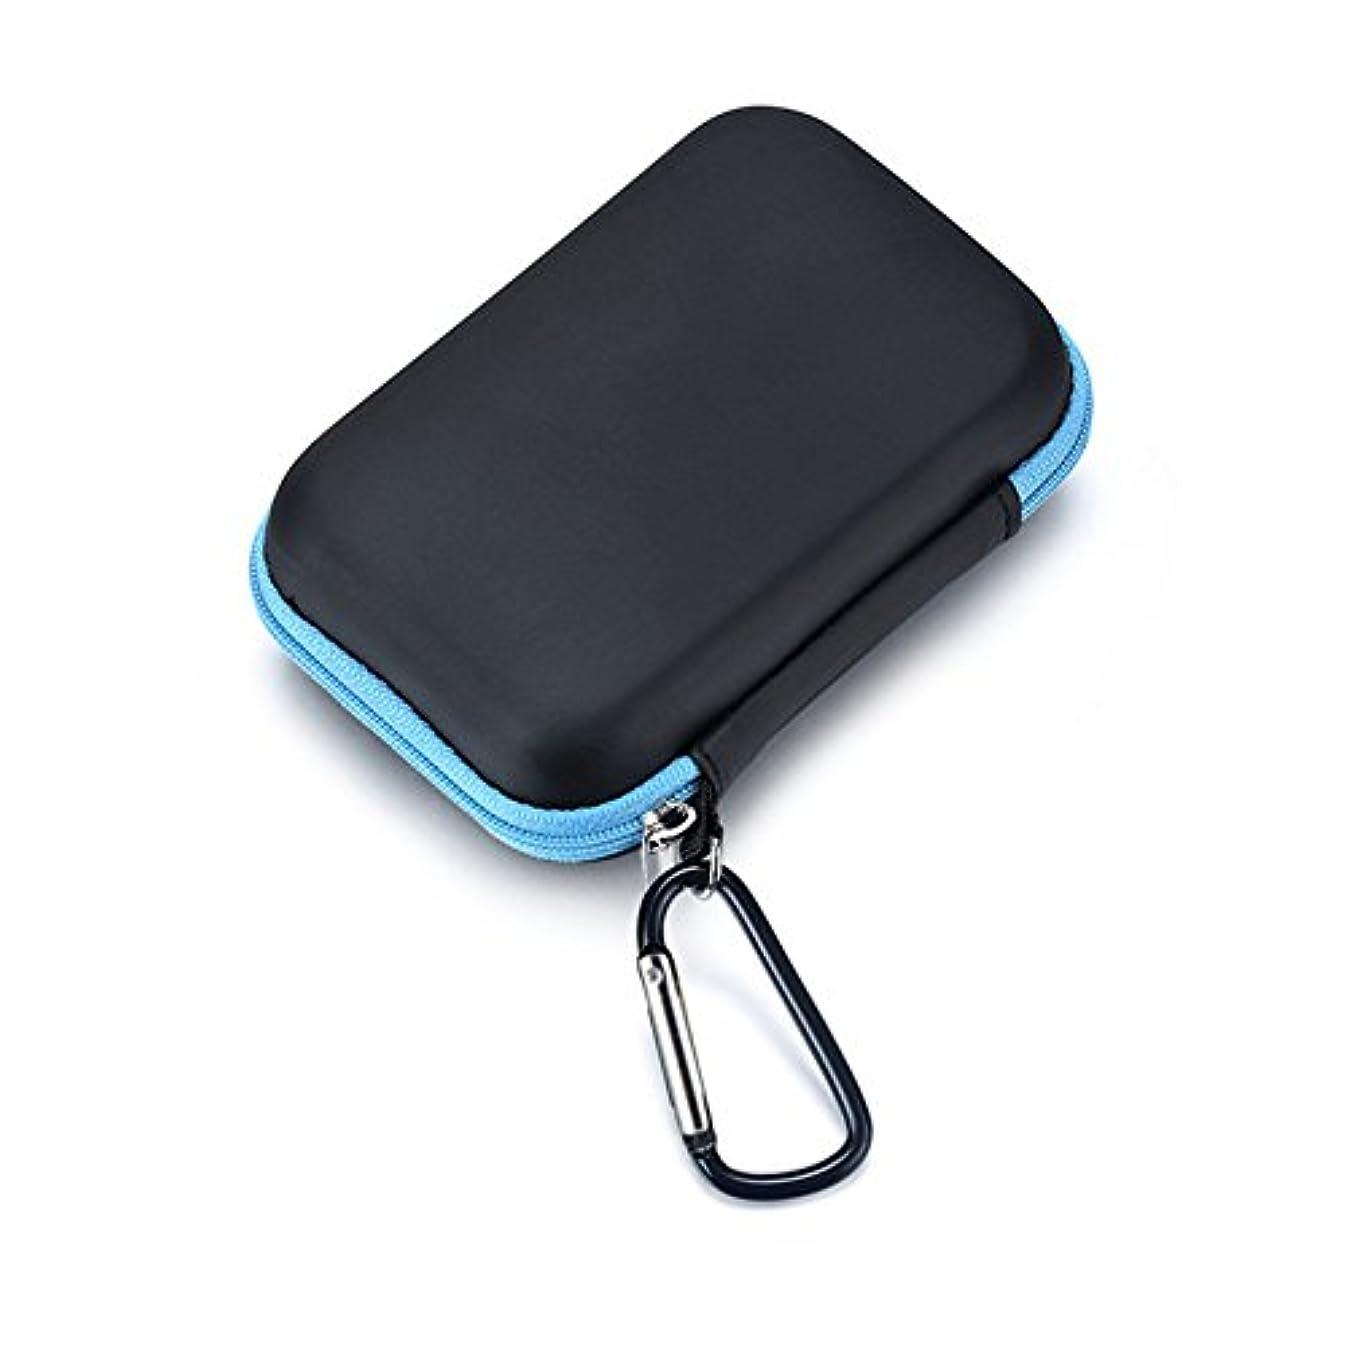 不一致出身地はちみつQIN 収納ケース ポーチ 携帯用バッグ ミニボトルケース 13.5 * 8.5 * 4.5cm 15本用